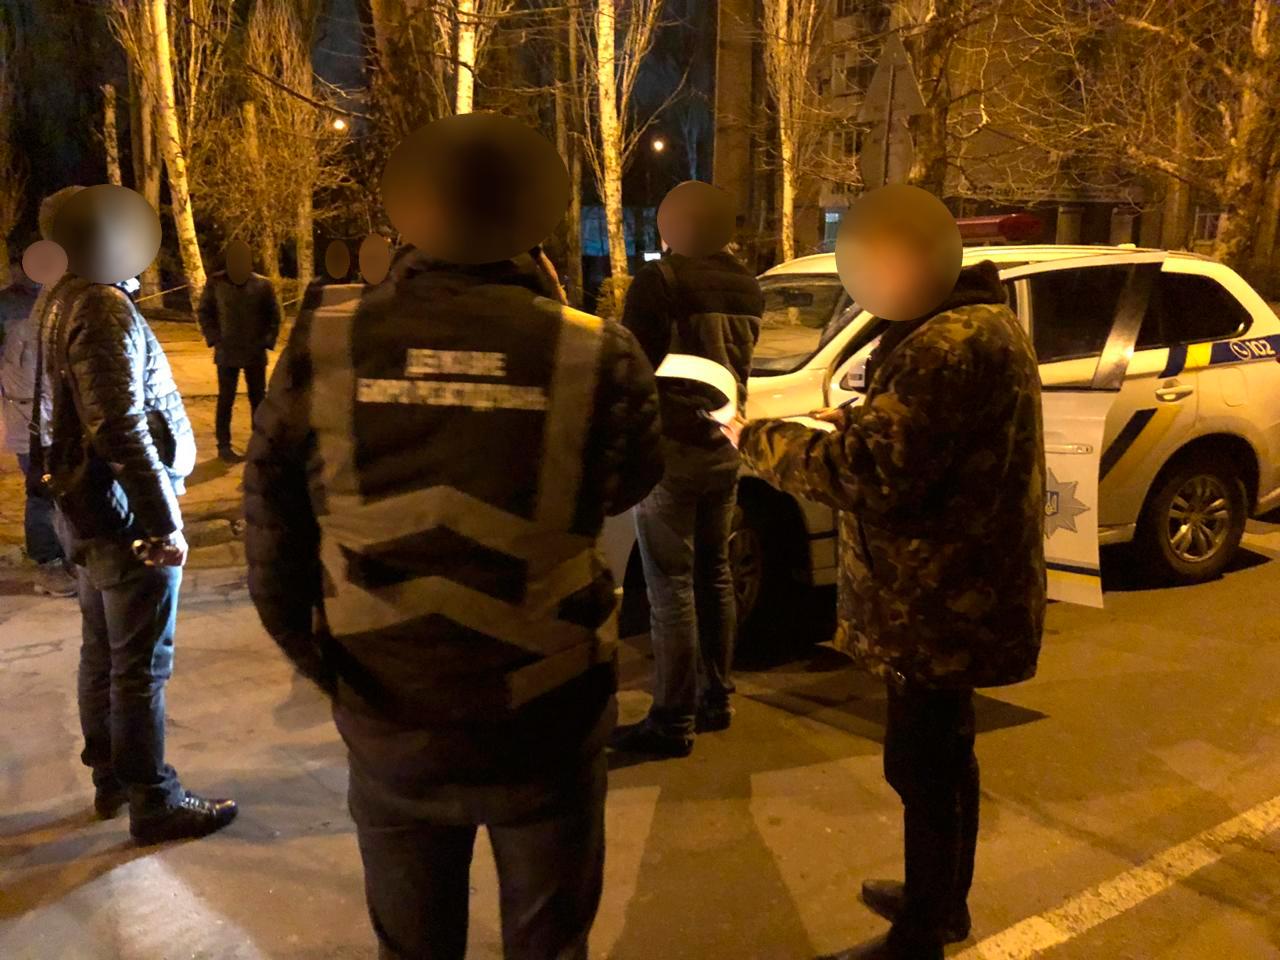 В Запорожской области двух полицейских задержали на взятке в 4 тысячи гривен - ФОТО